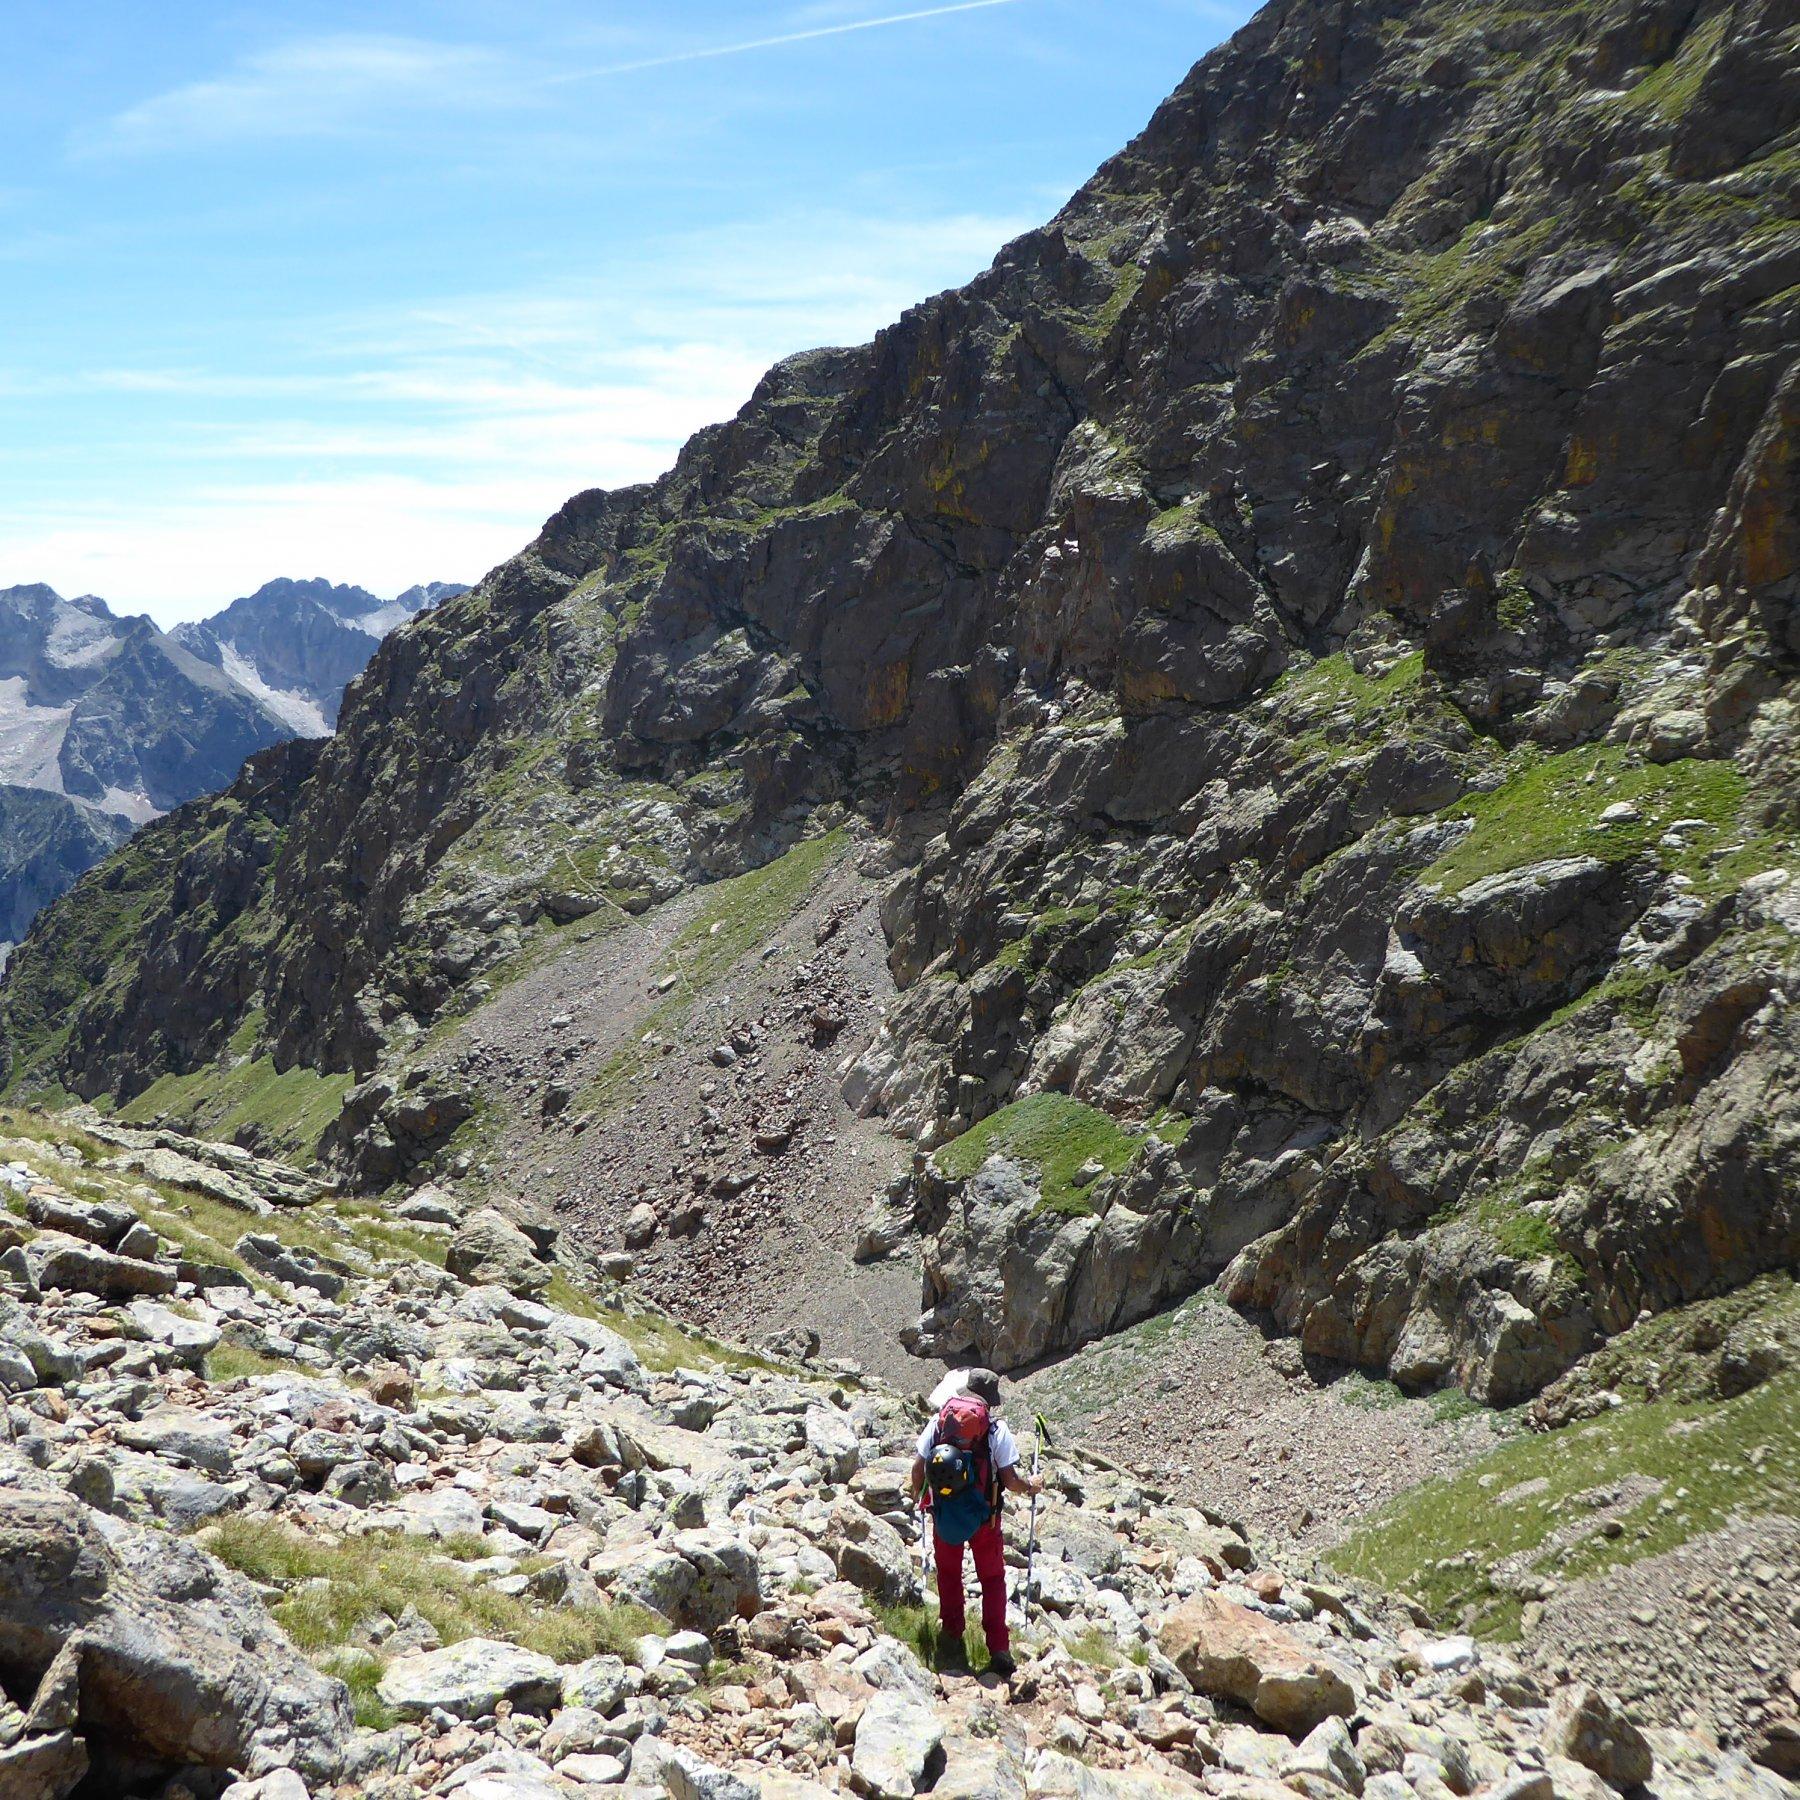 Al ritorno: in prossimità del passo di Cabrera, il sentiero che risale alla mulattiera